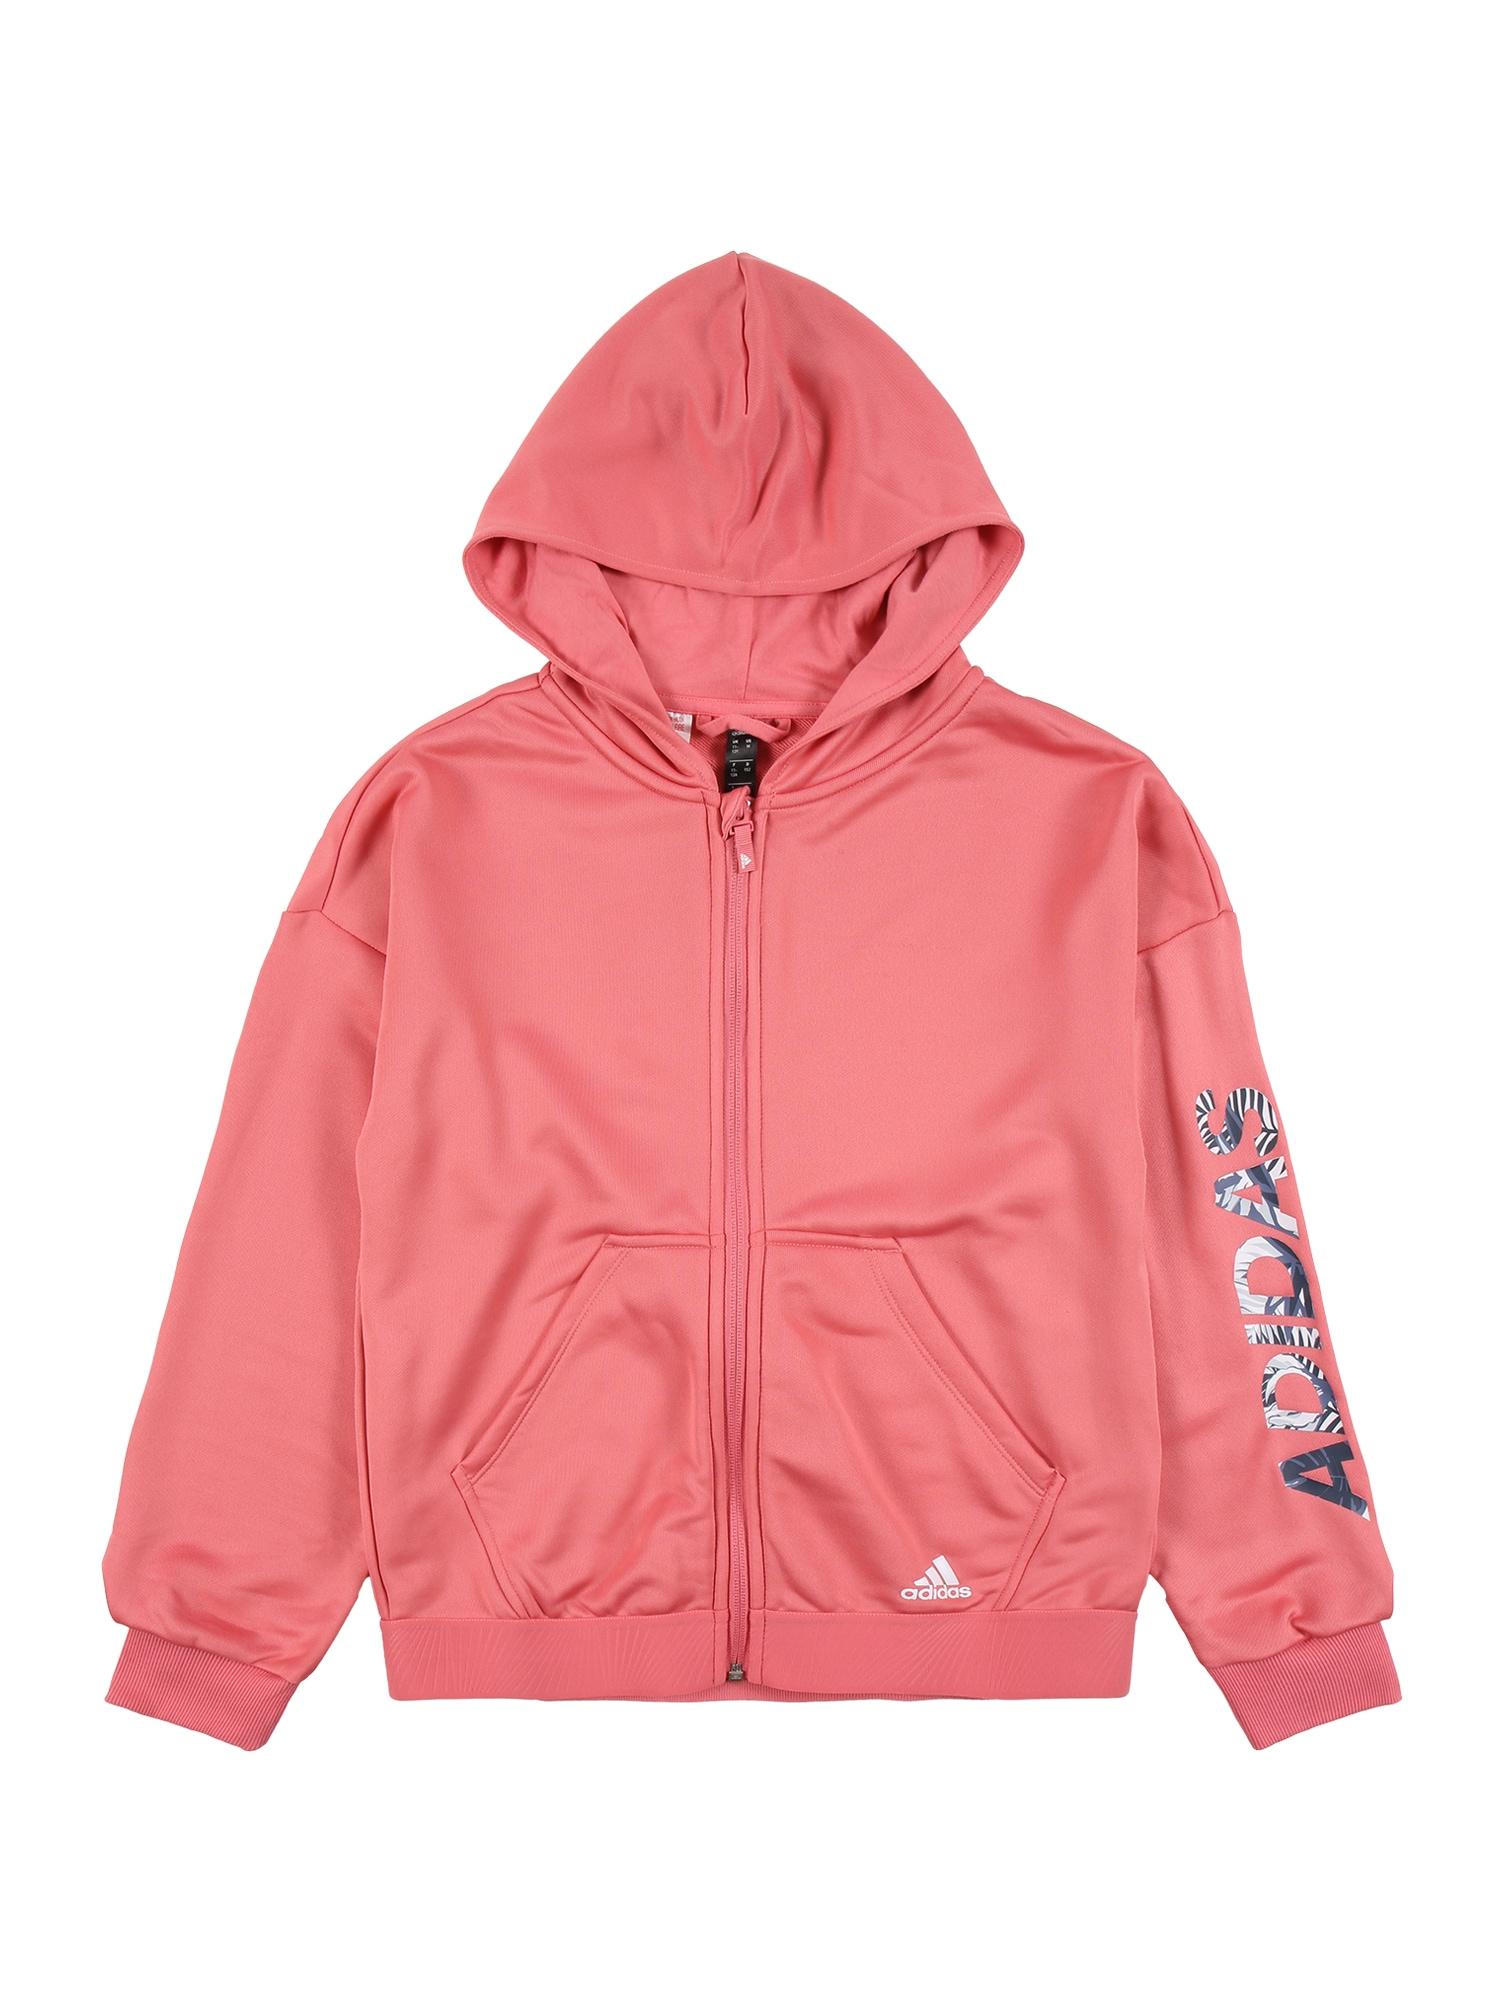 ADIDAS PERFORMANCE Sportinis džemperis ryškiai rožinė spalva / melsvai pilka / nakties mėlyna / balta